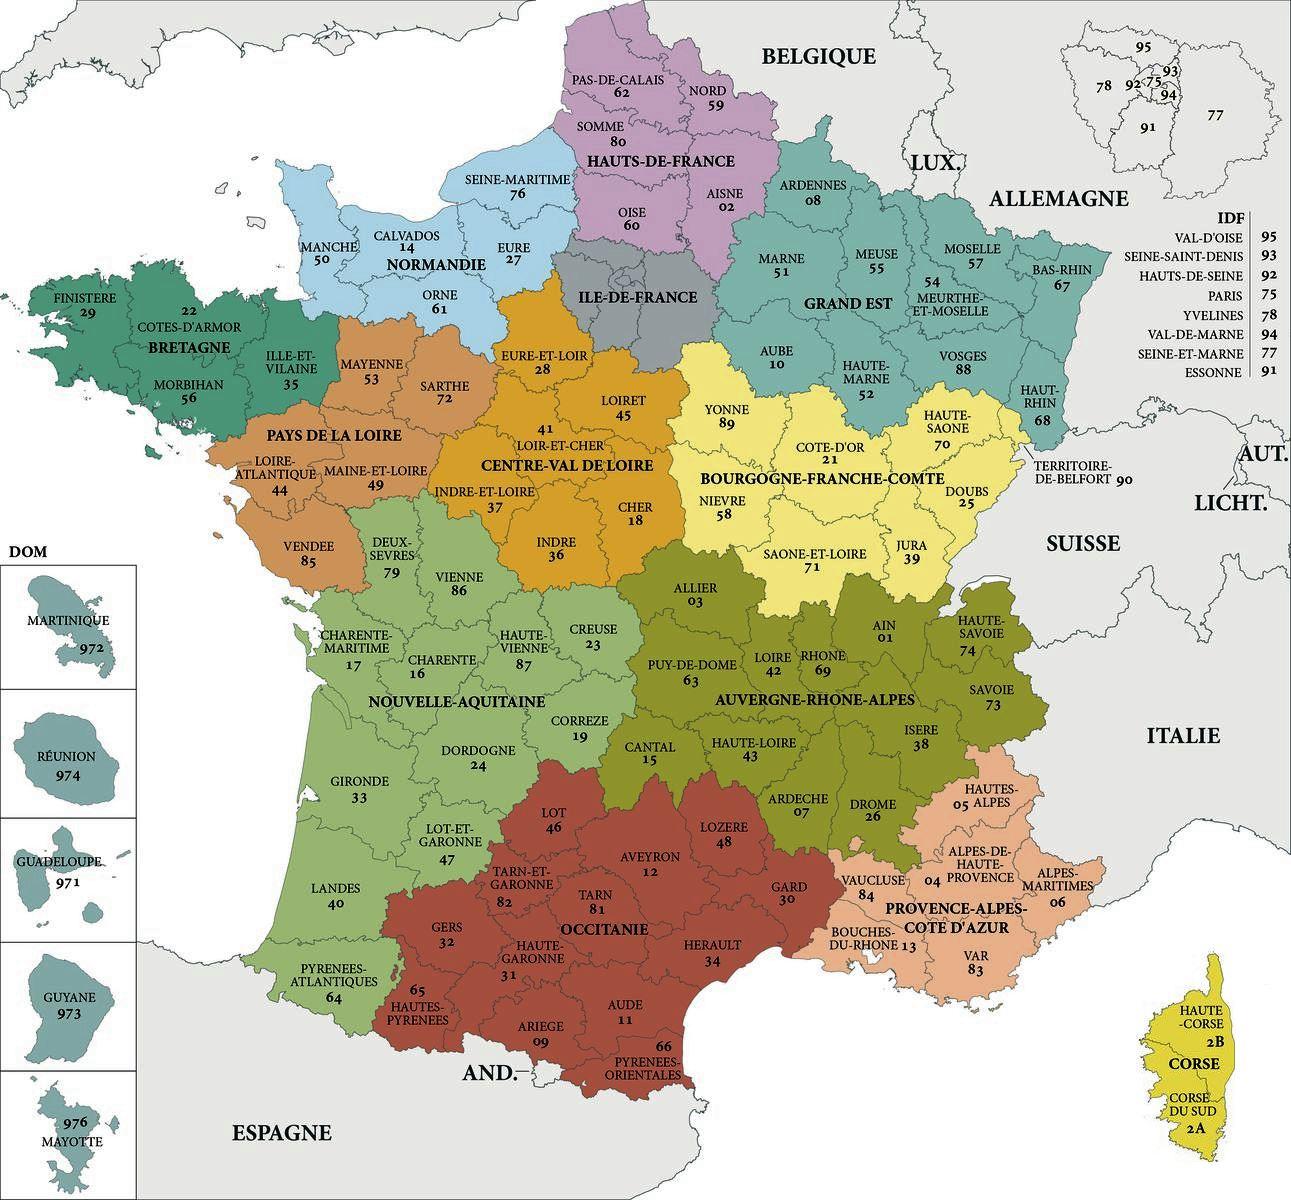 Carte De France Departements : Carte Des Départements De France encequiconcerne Carte De France Numéro Département